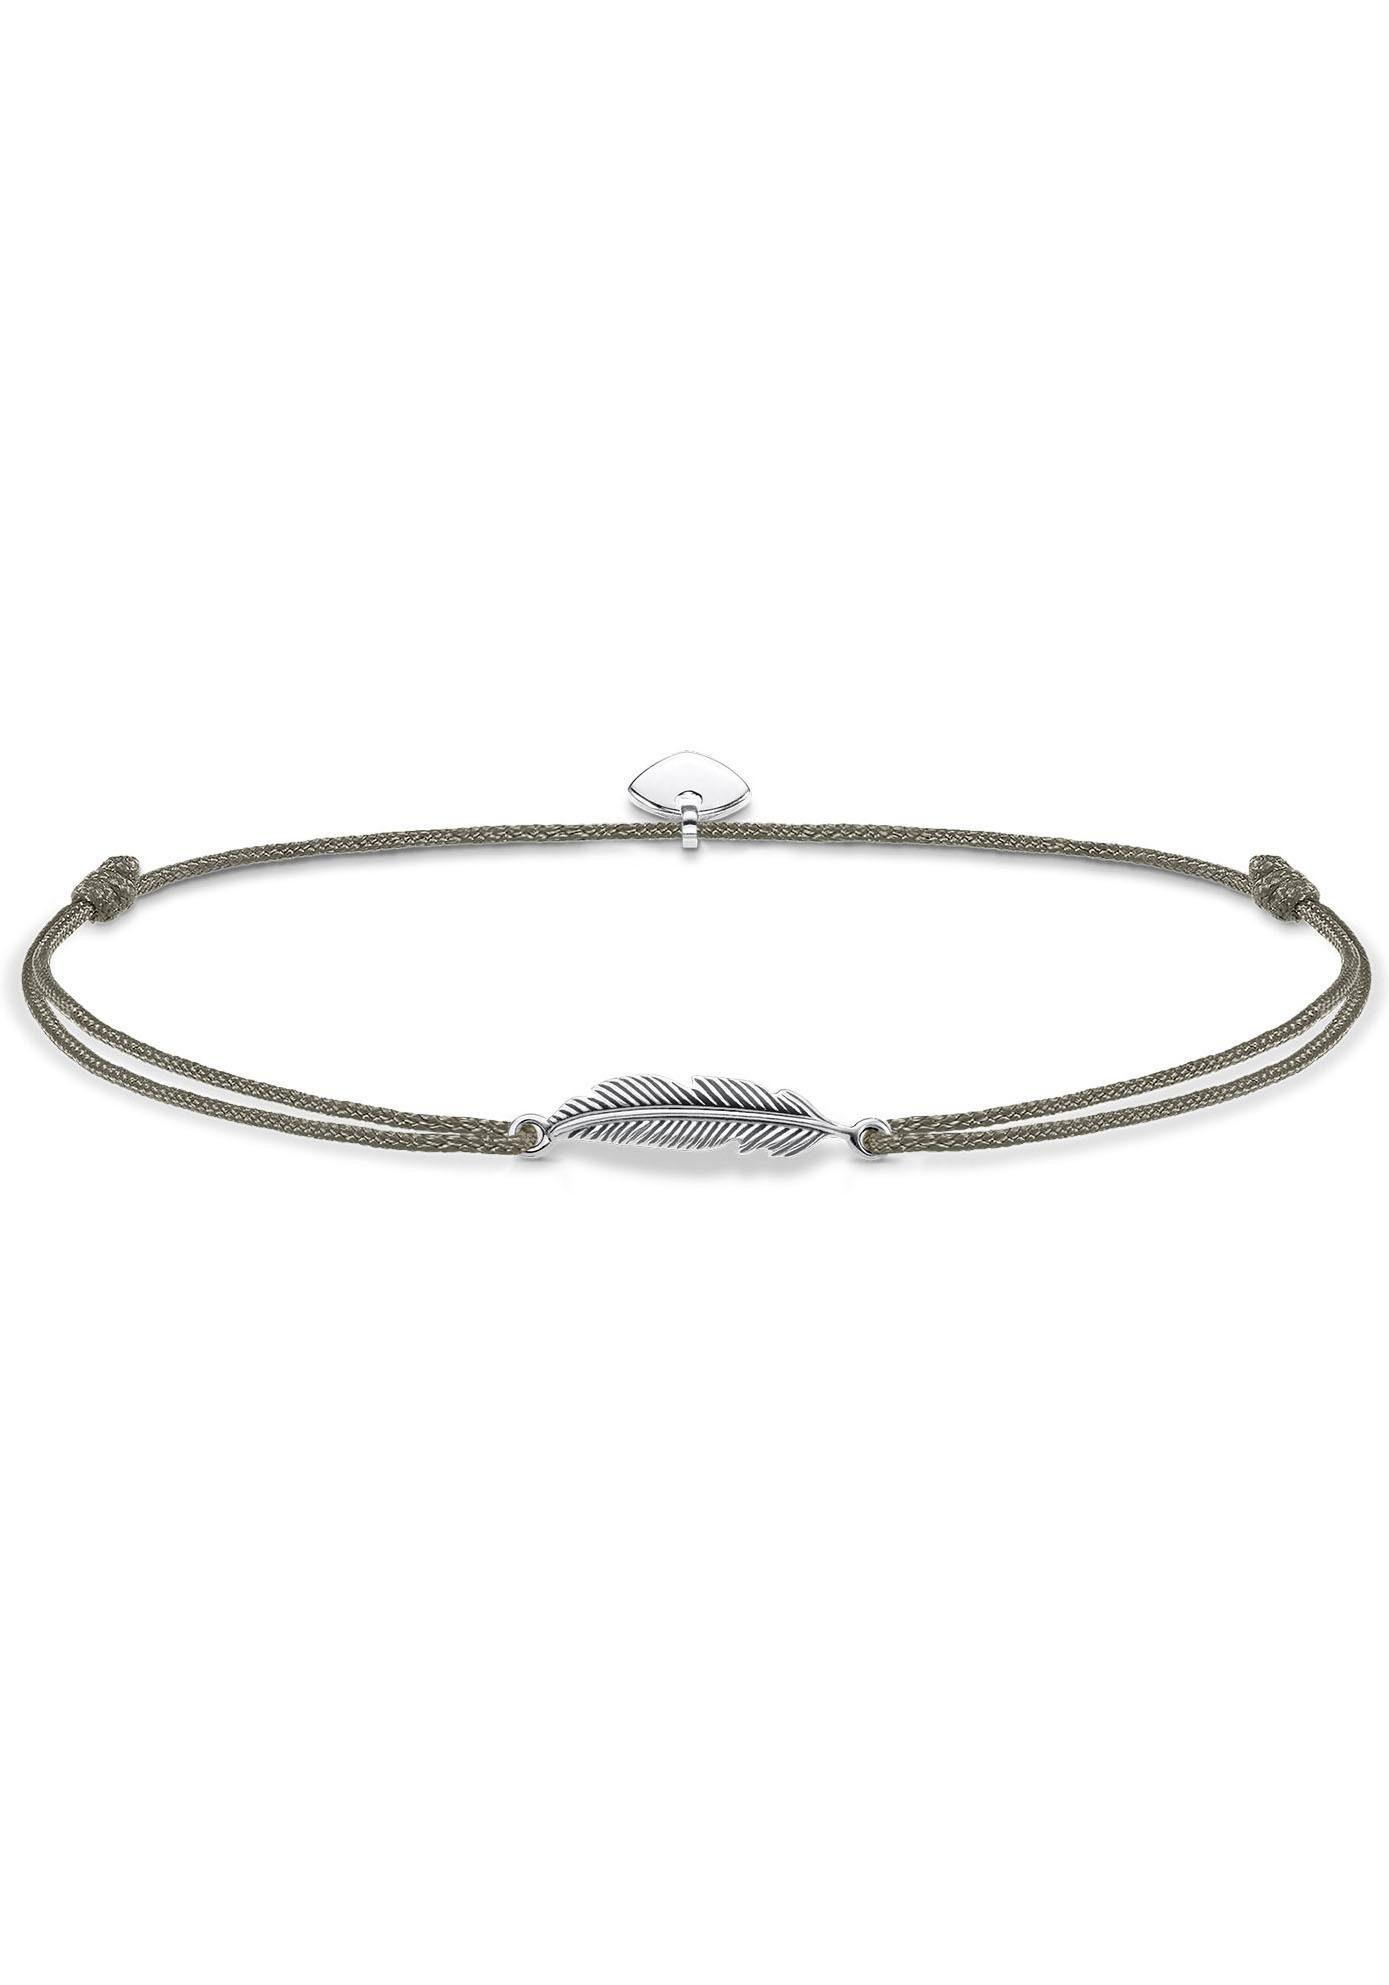 THOMAS SABO Fußkette »Little Secret Feder, LSAK003-907-5-L27v«